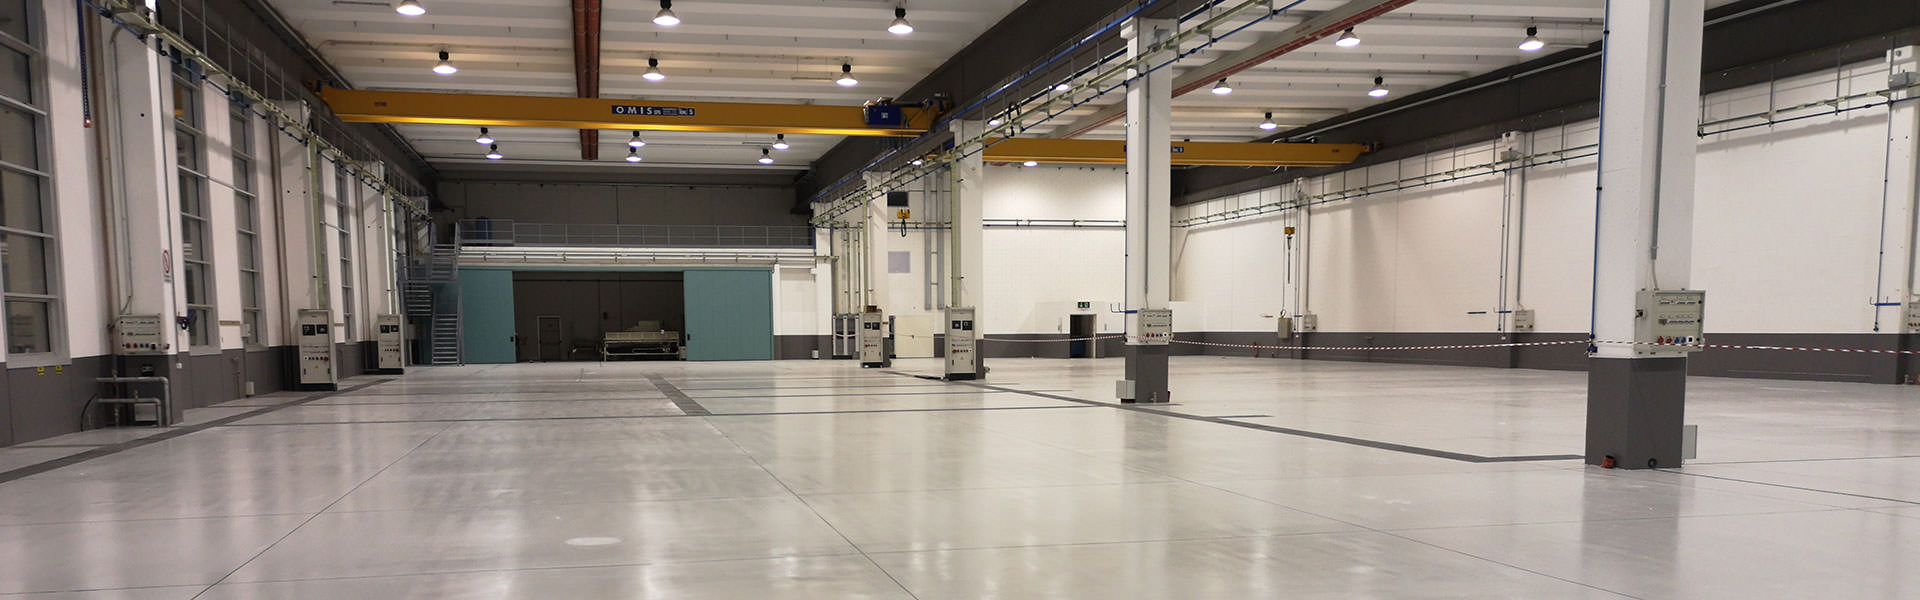 Pavimenti in resina per industrie metalmeccaniche